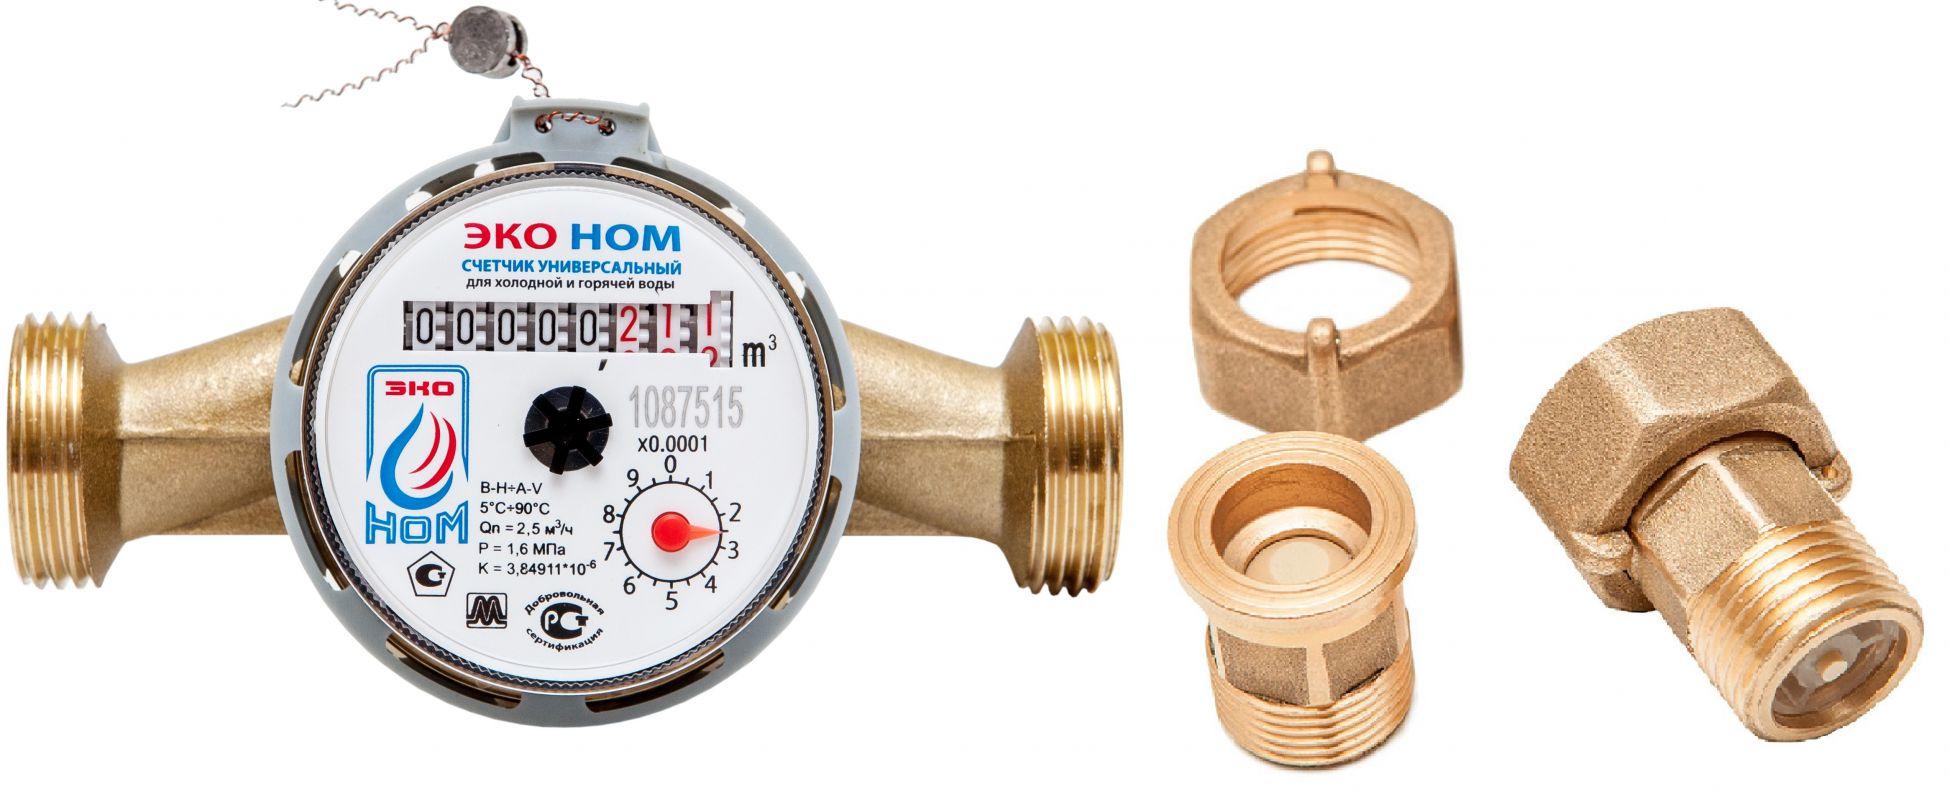 Счетчик воды универсальный ЭКО НОМ-20-130+КМЧ-20-ОК со штуцерами и встроенным обратным клапаном - фото